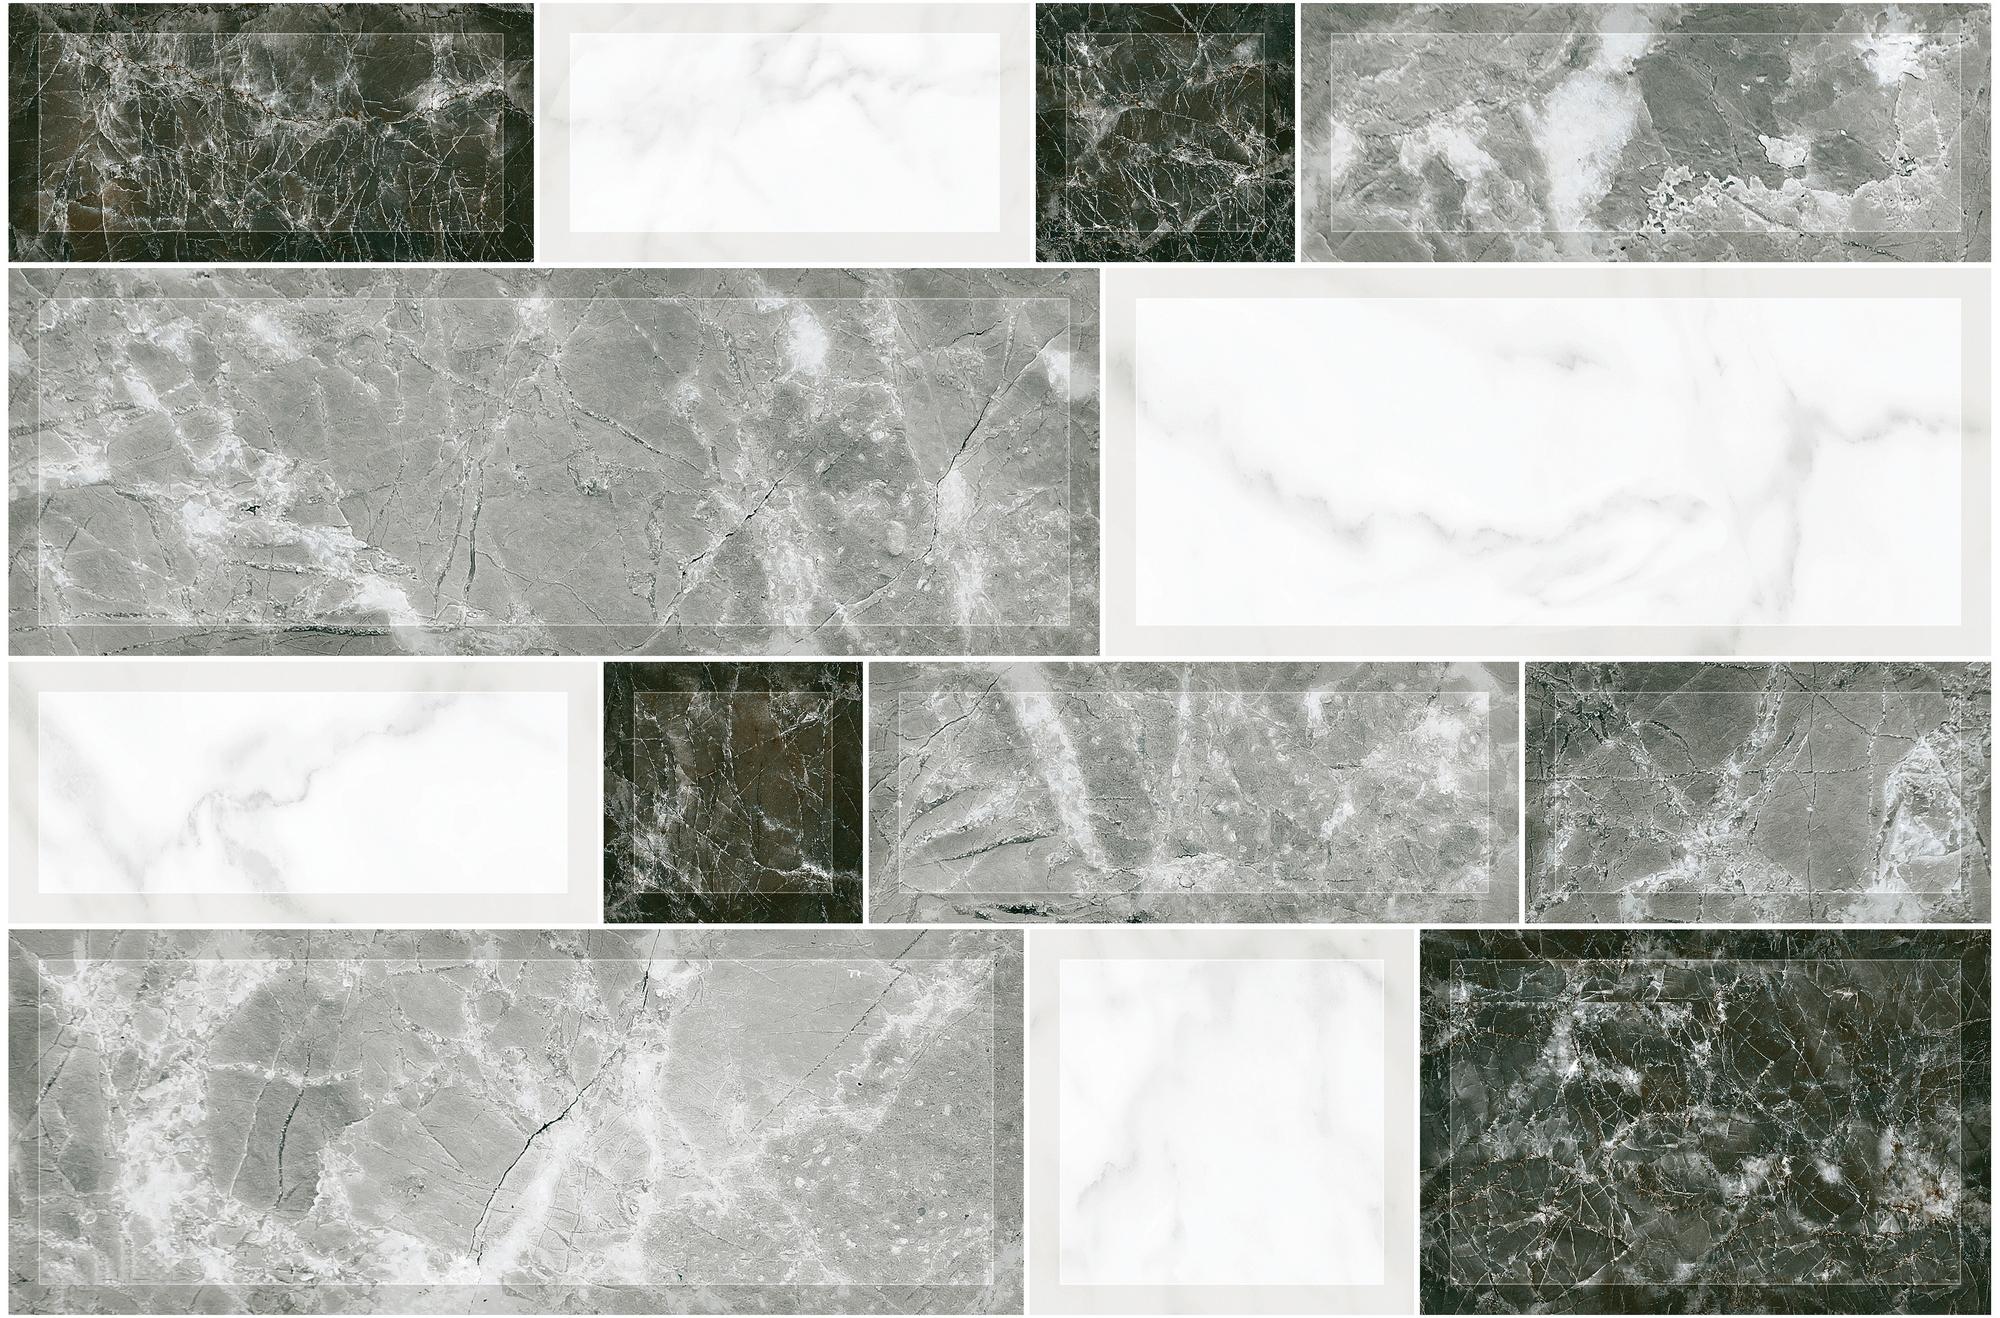 Плитка облицовочная InterceramaКерамическая плитка<br>Коллекция: Grani,<br>Тип: плитка,<br>Место укладки: стены,<br>Назначение плитки: для кухни,<br>Цвет: серый,<br>Поверхность: глянцевая,<br>Размер плитки: 230х350,<br>Толщина: 7.5,<br>Страна происхождения: Украина,<br>Количество в упаковке: 15,<br>м2 в упаковке: 1.2075<br>